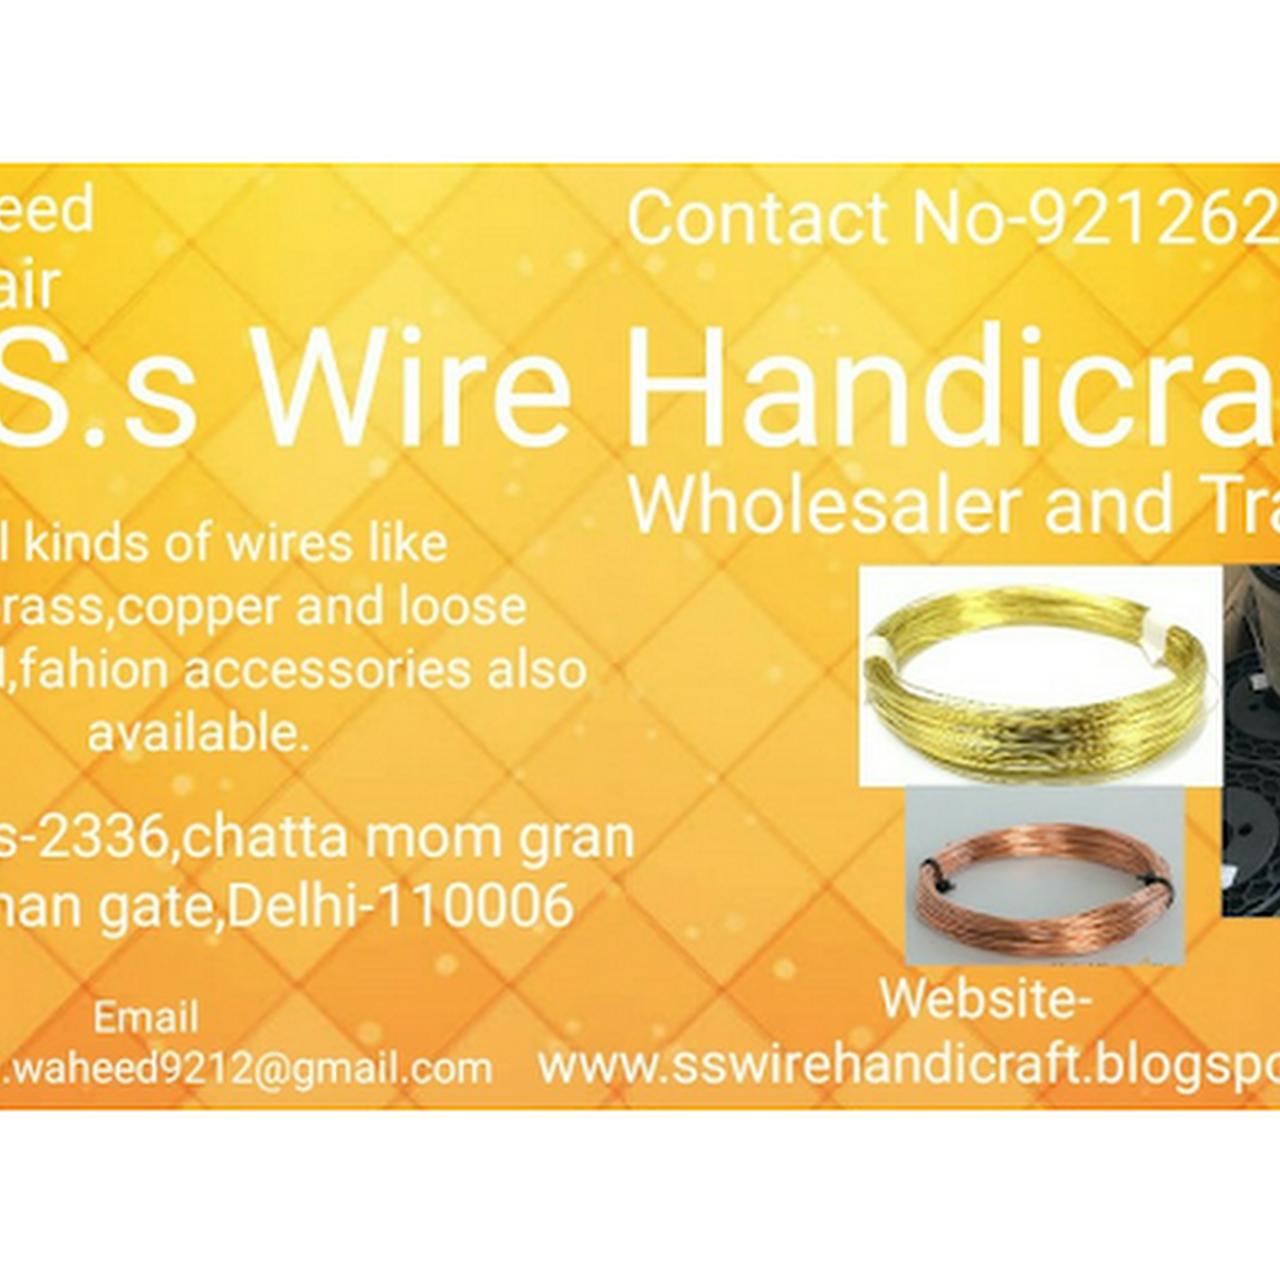 S.s Wire Handicraft - Handicrafts Wholesaler in New Delhi